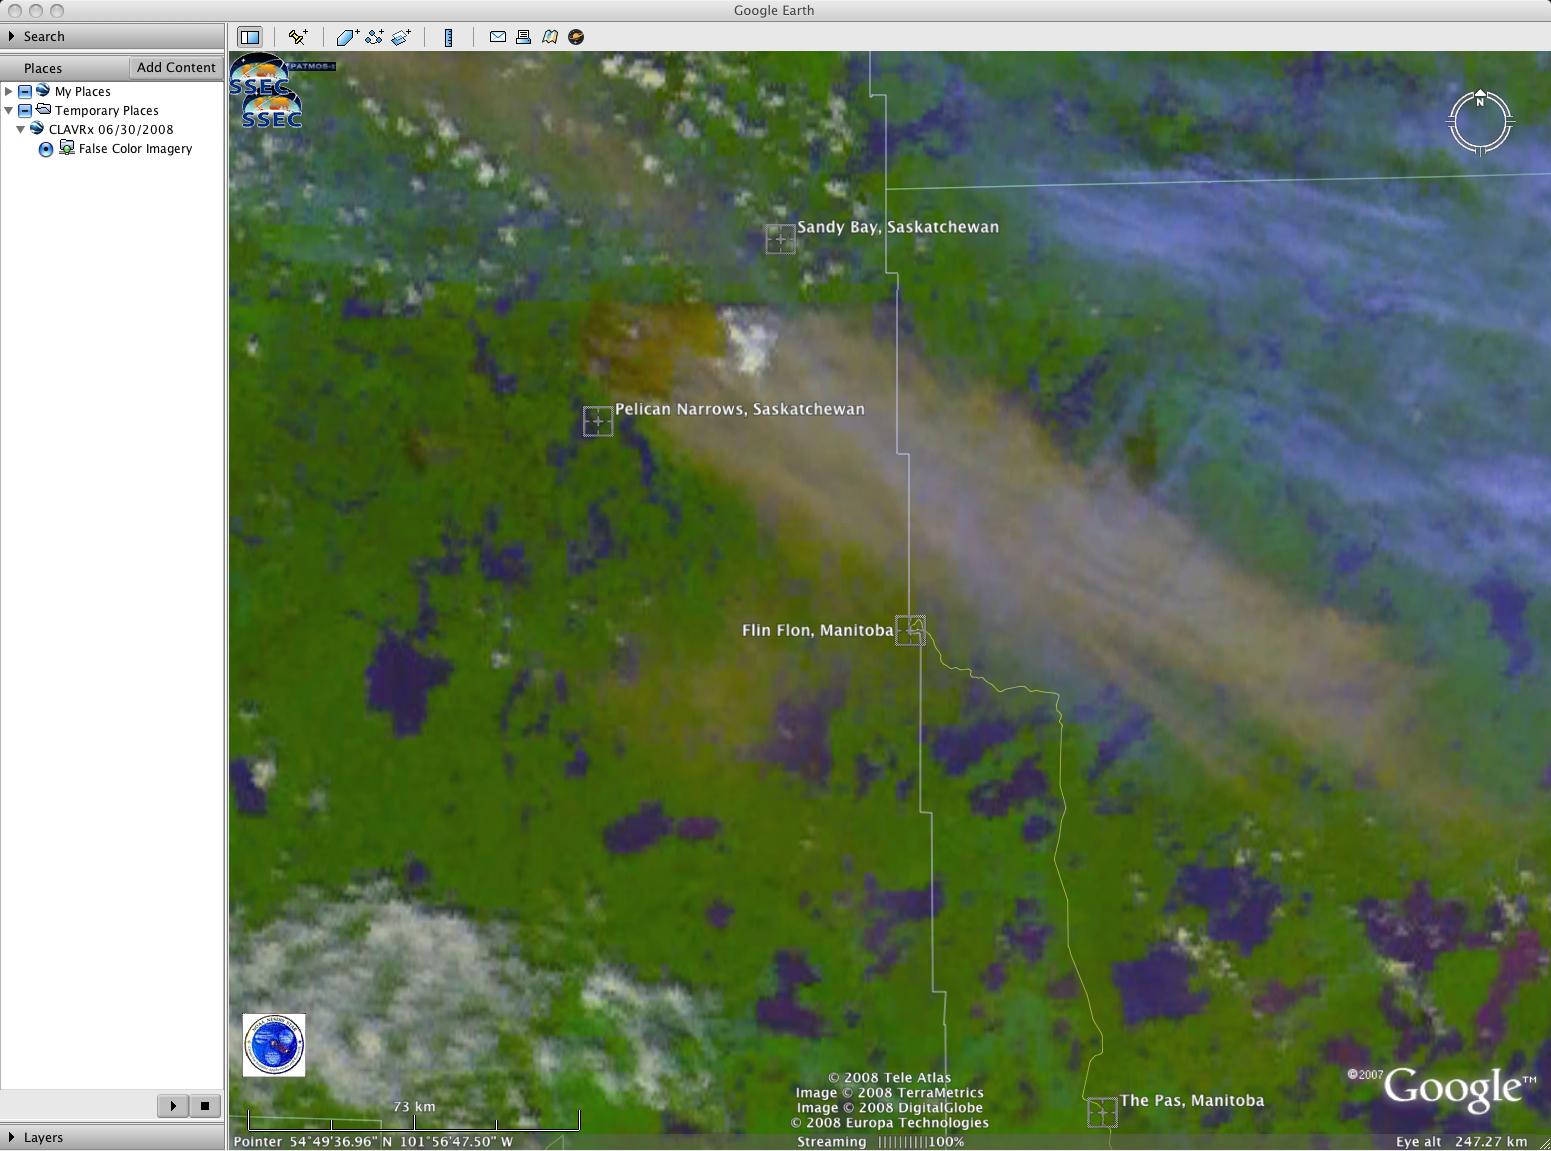 AVHRR false color image (Google Earth)